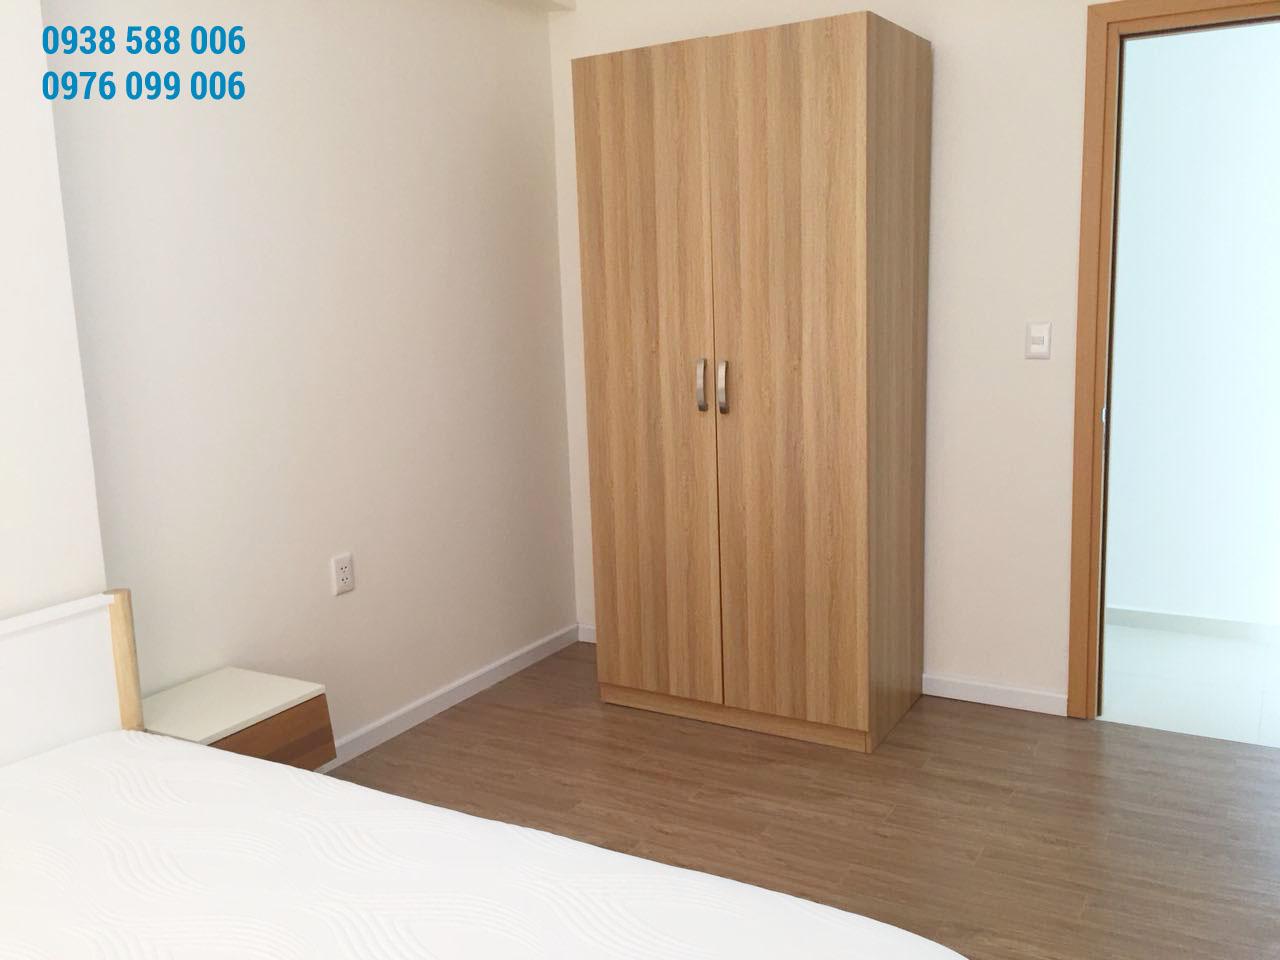 Nội thất tủ âm tường, giường ngủ tại căn hộ M-one 2 phòng ngủ cho thuê.